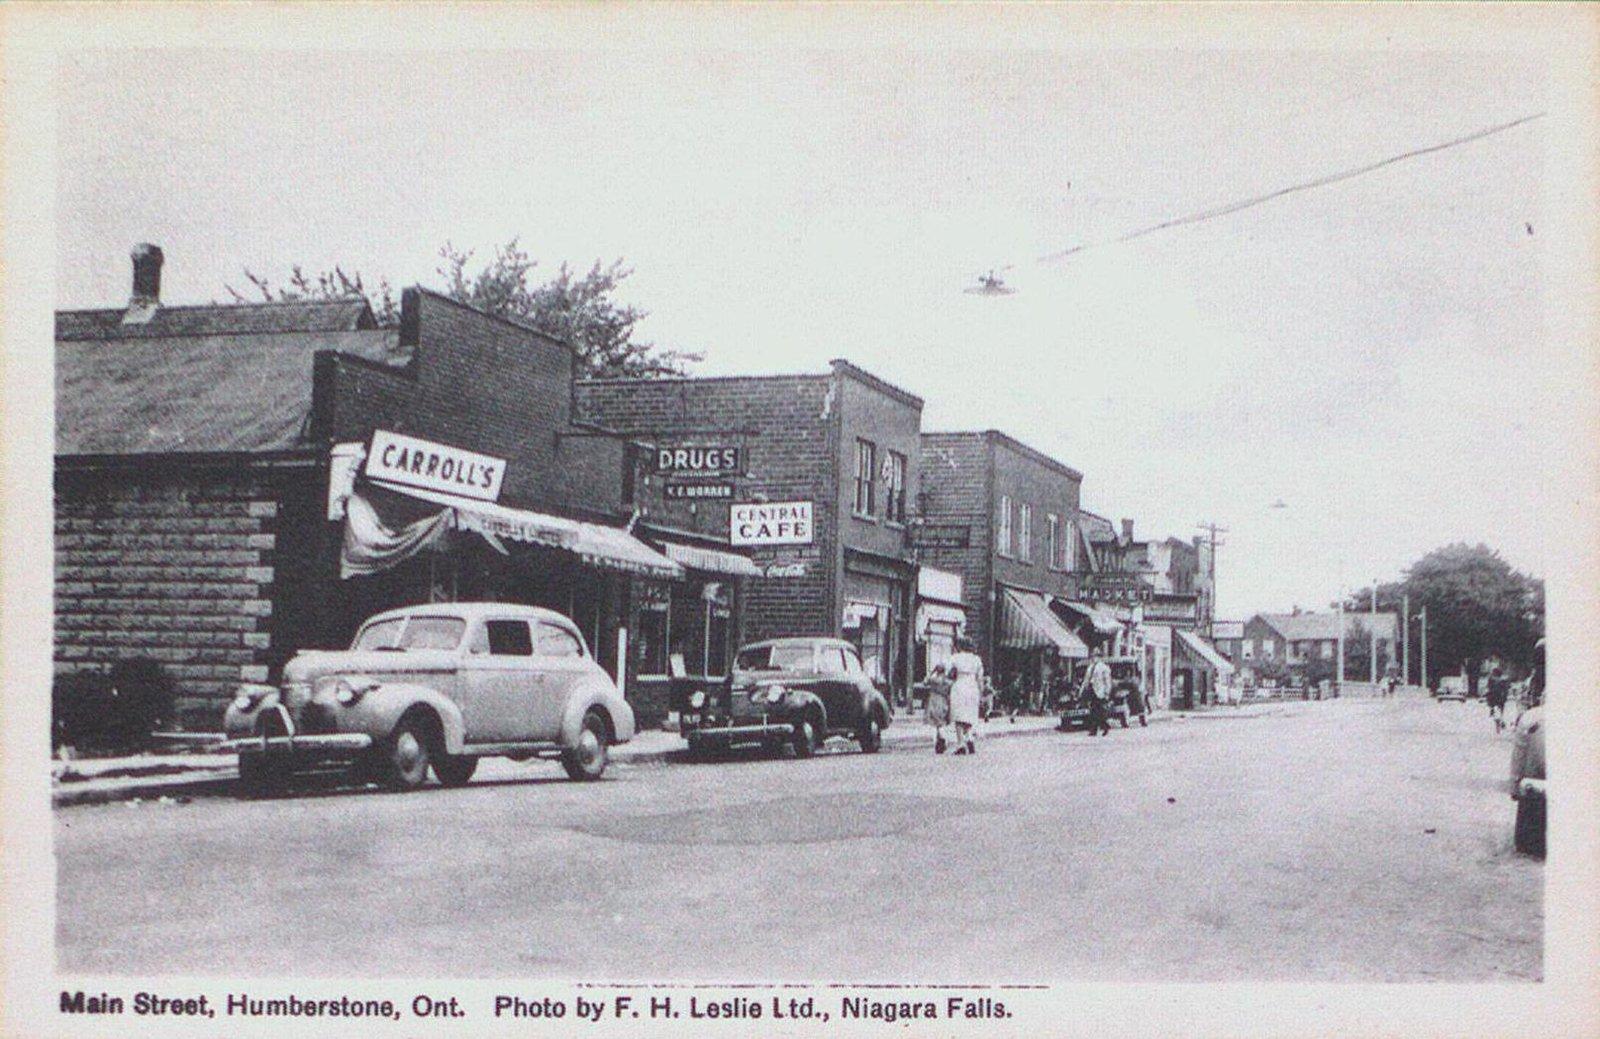 Main Street, Humberstone